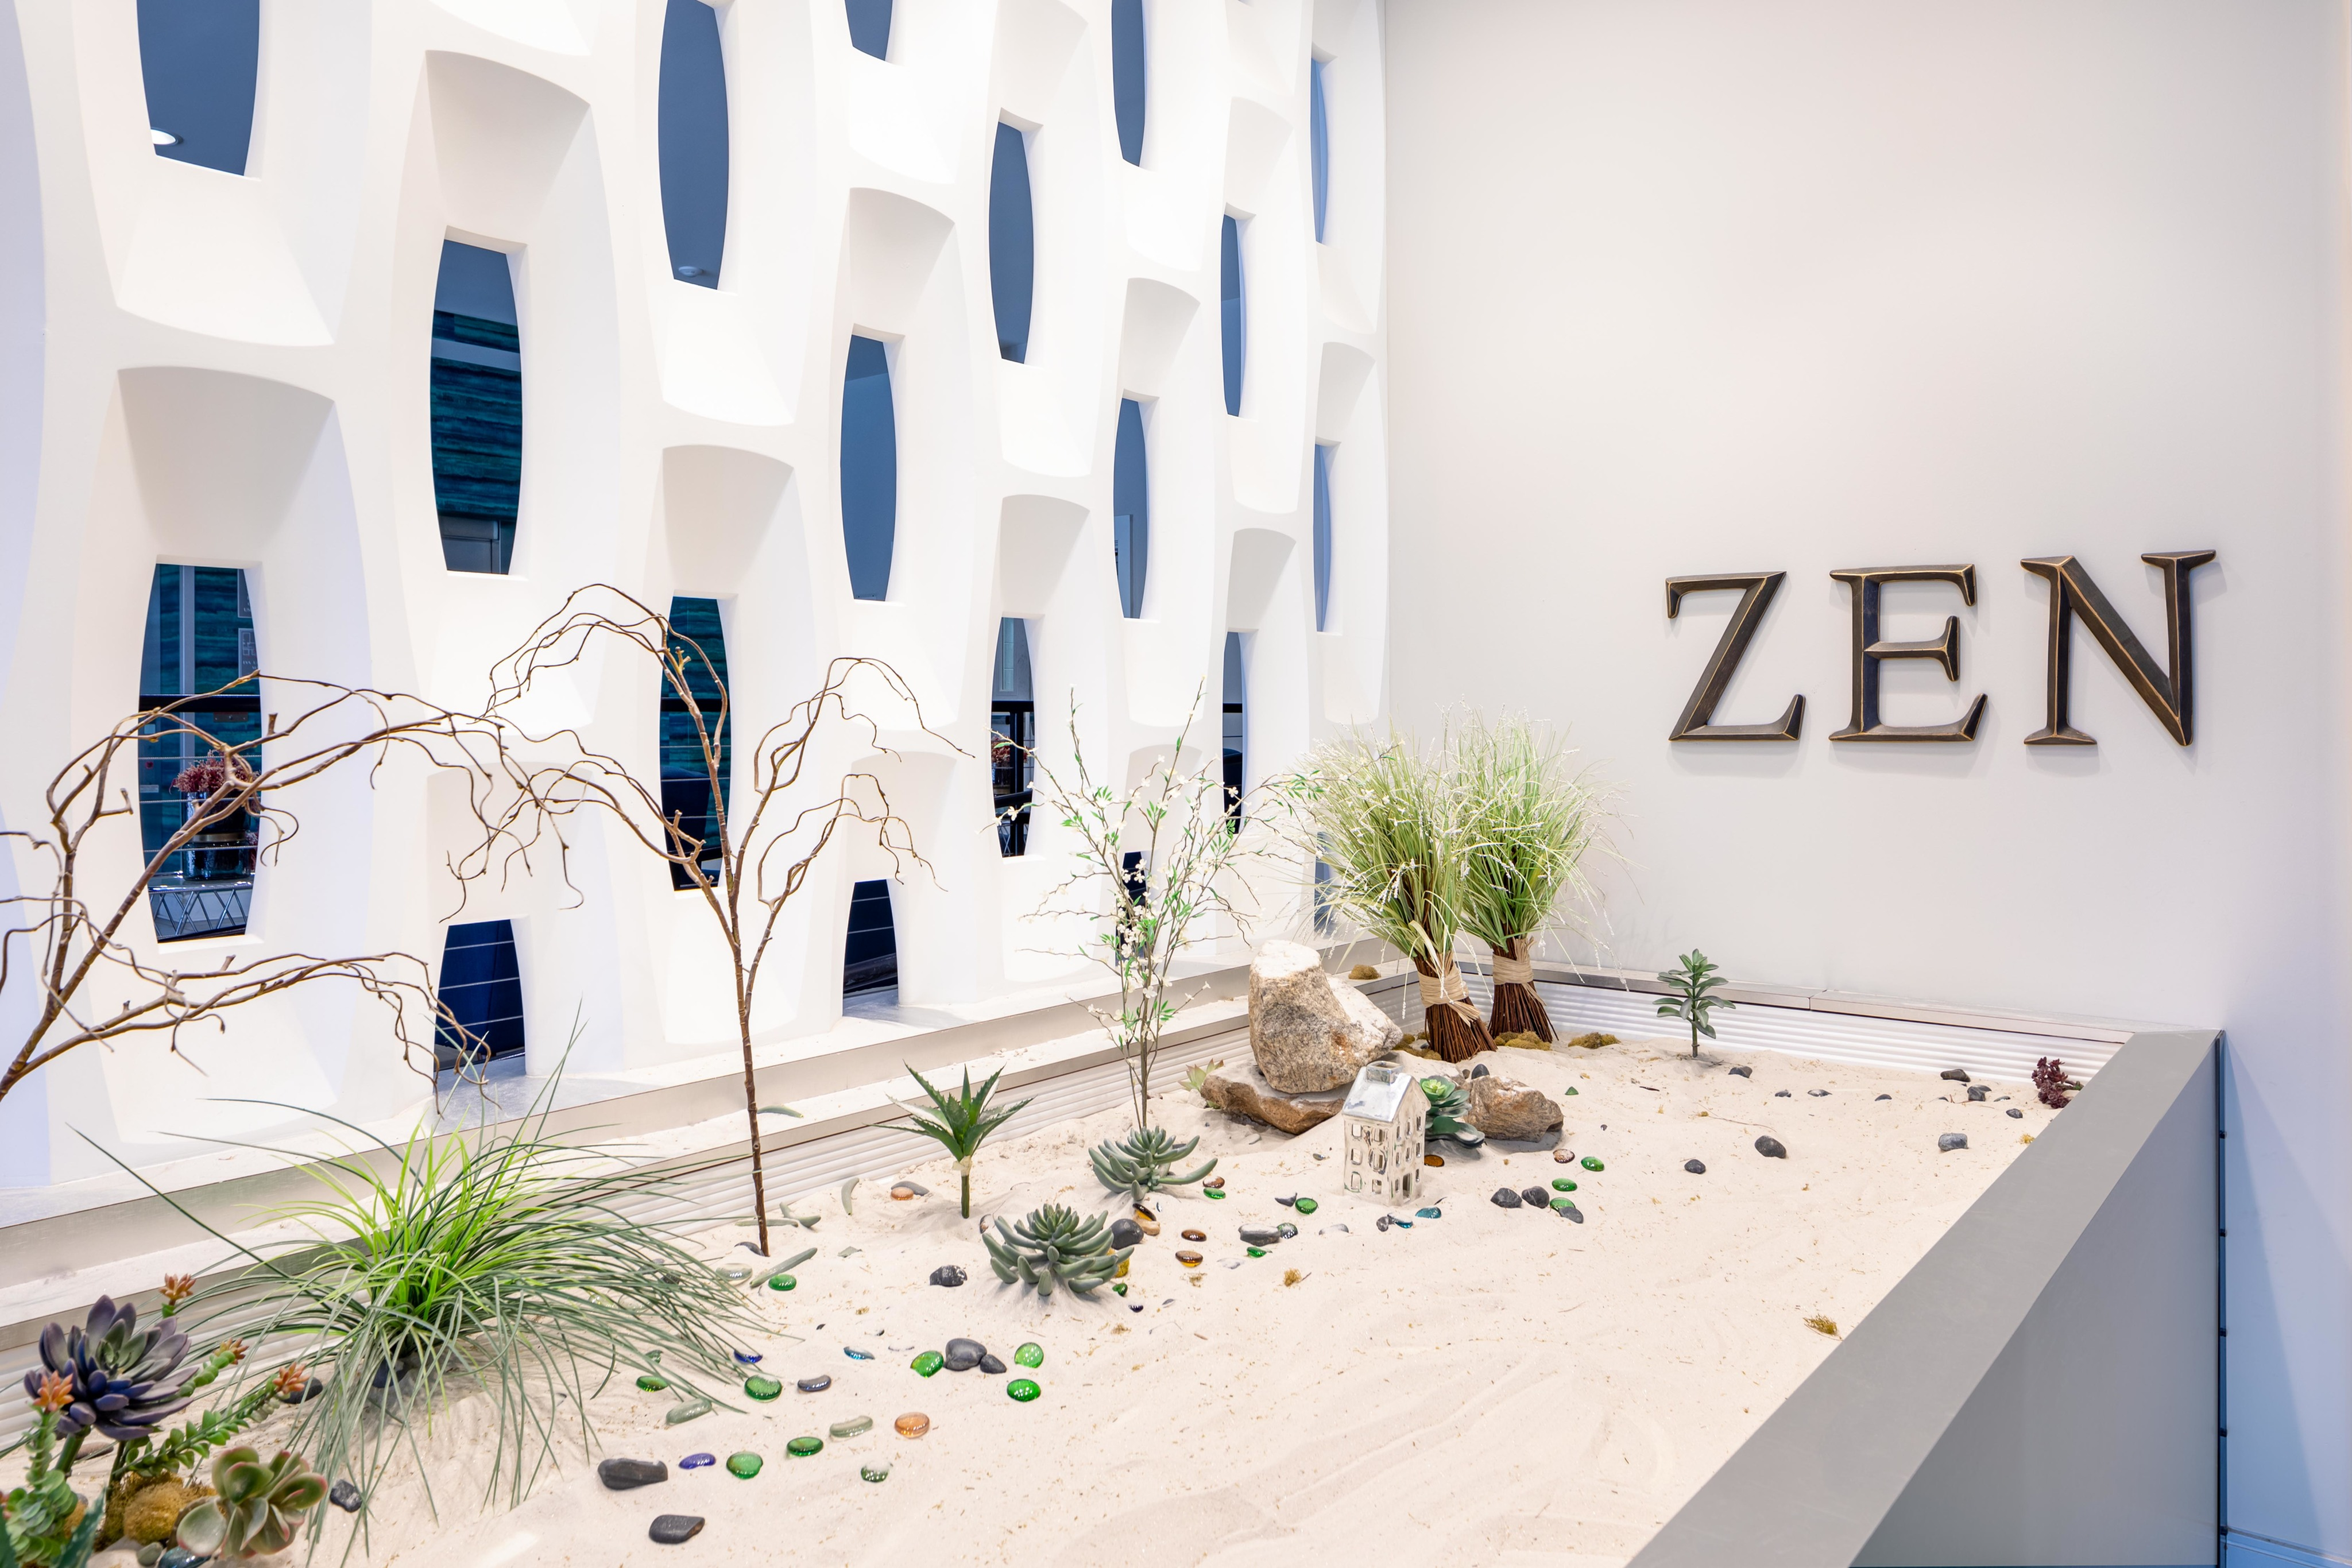 Image of Zen Garden for 200 Edgewood